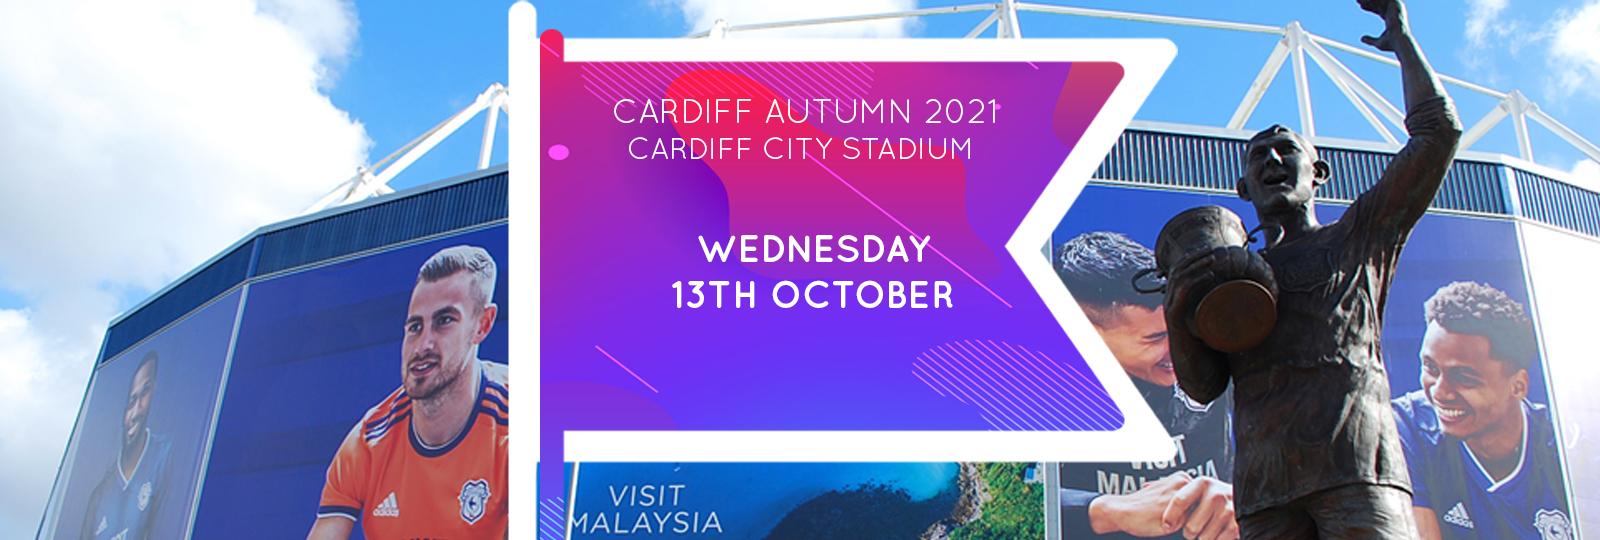 Cardiff Autumn 2021 Fair